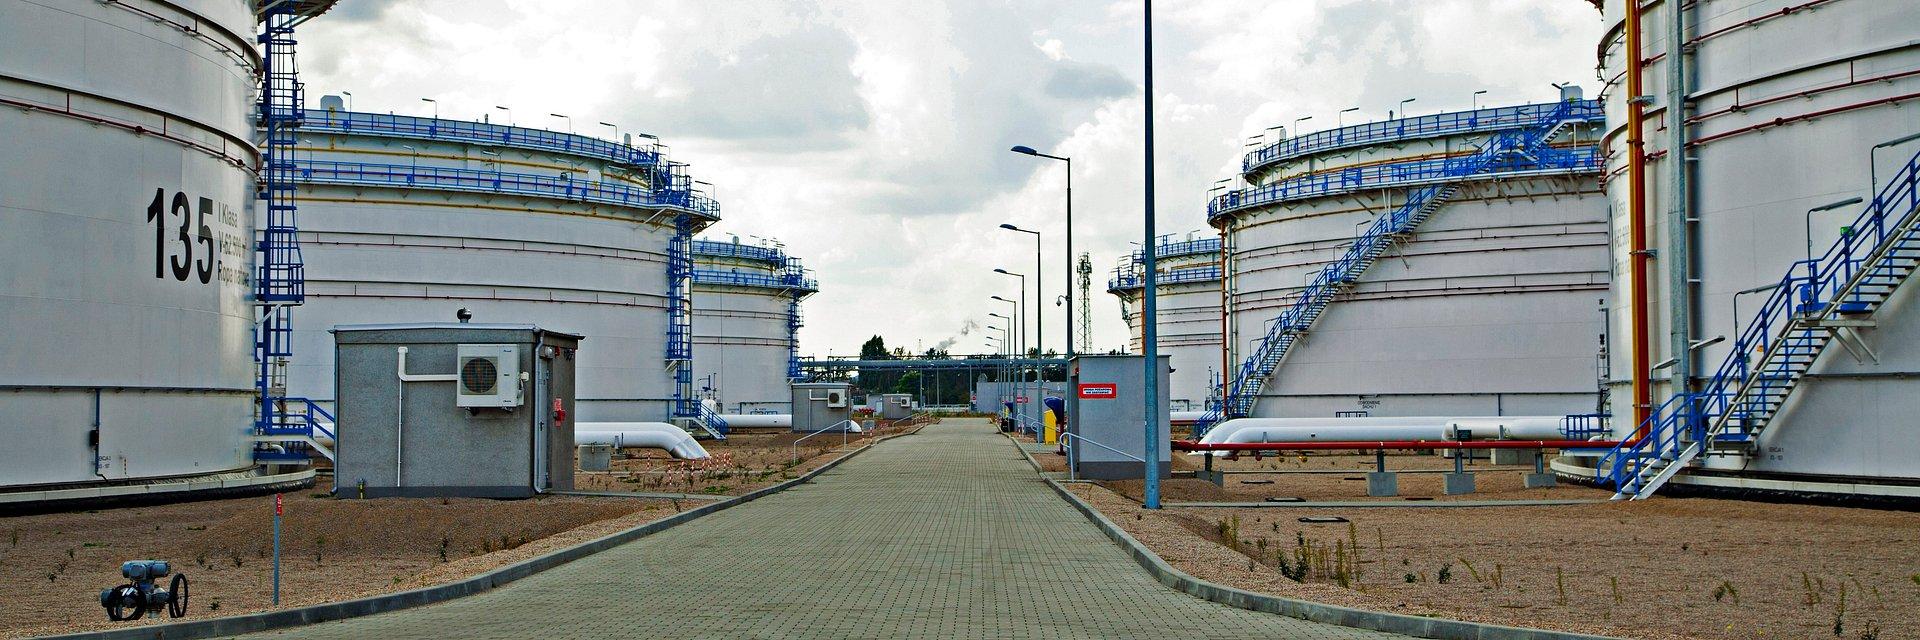 PERN na bieżąco obsługuje rafinerie